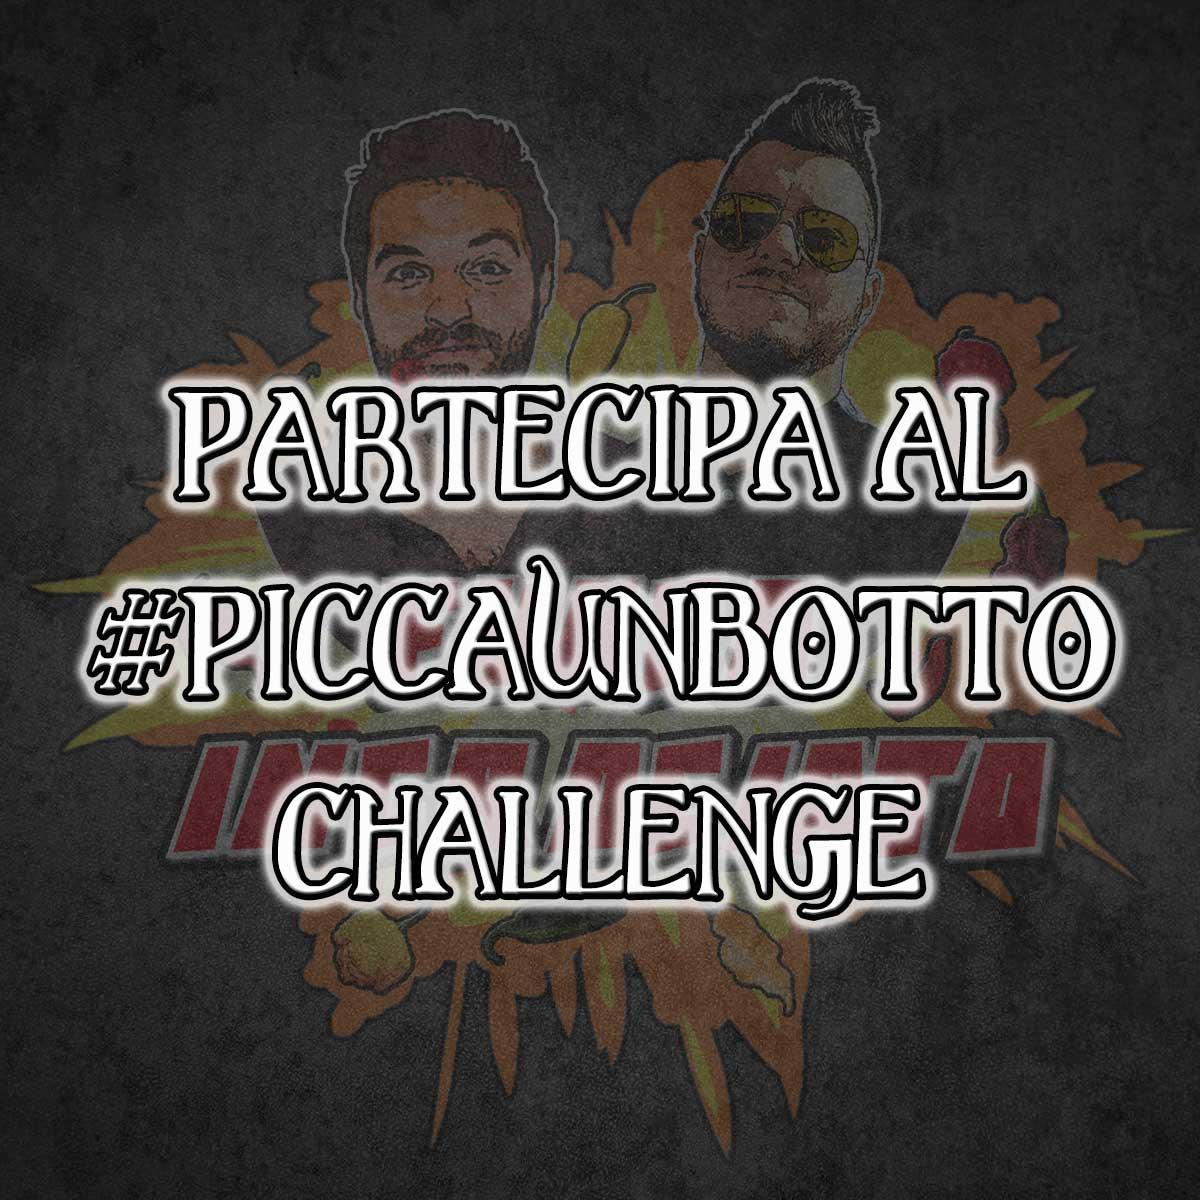 #piccaunbottochallenge